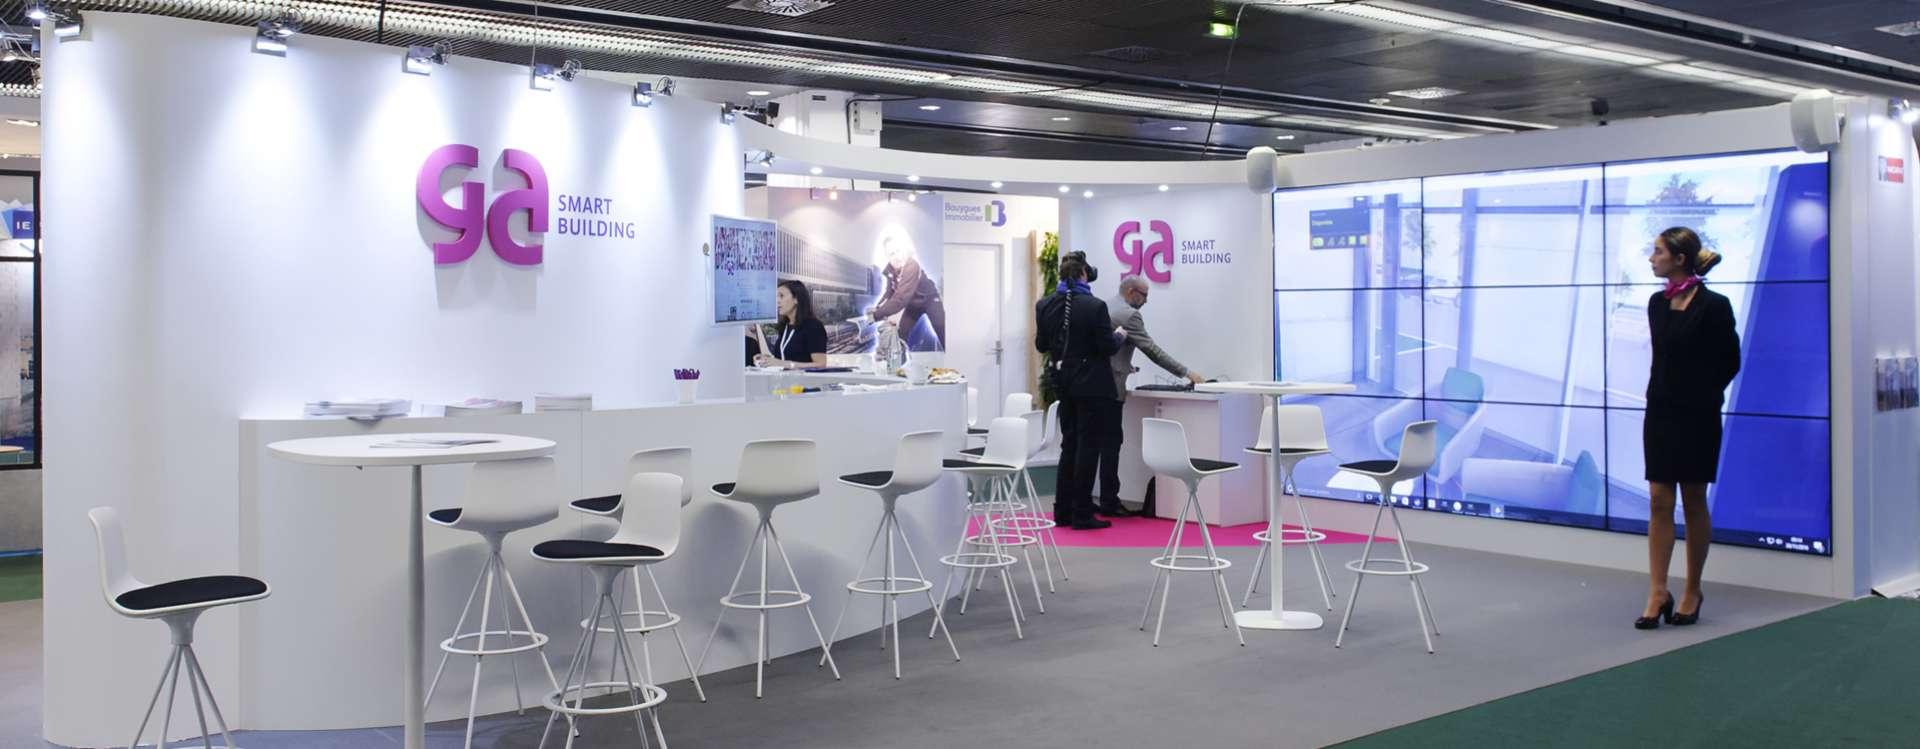 Smart building, immobilier industriel, MOOCBIM, #PrixJunior de l'immobilier : les temps forts de GA au SIMI 2017